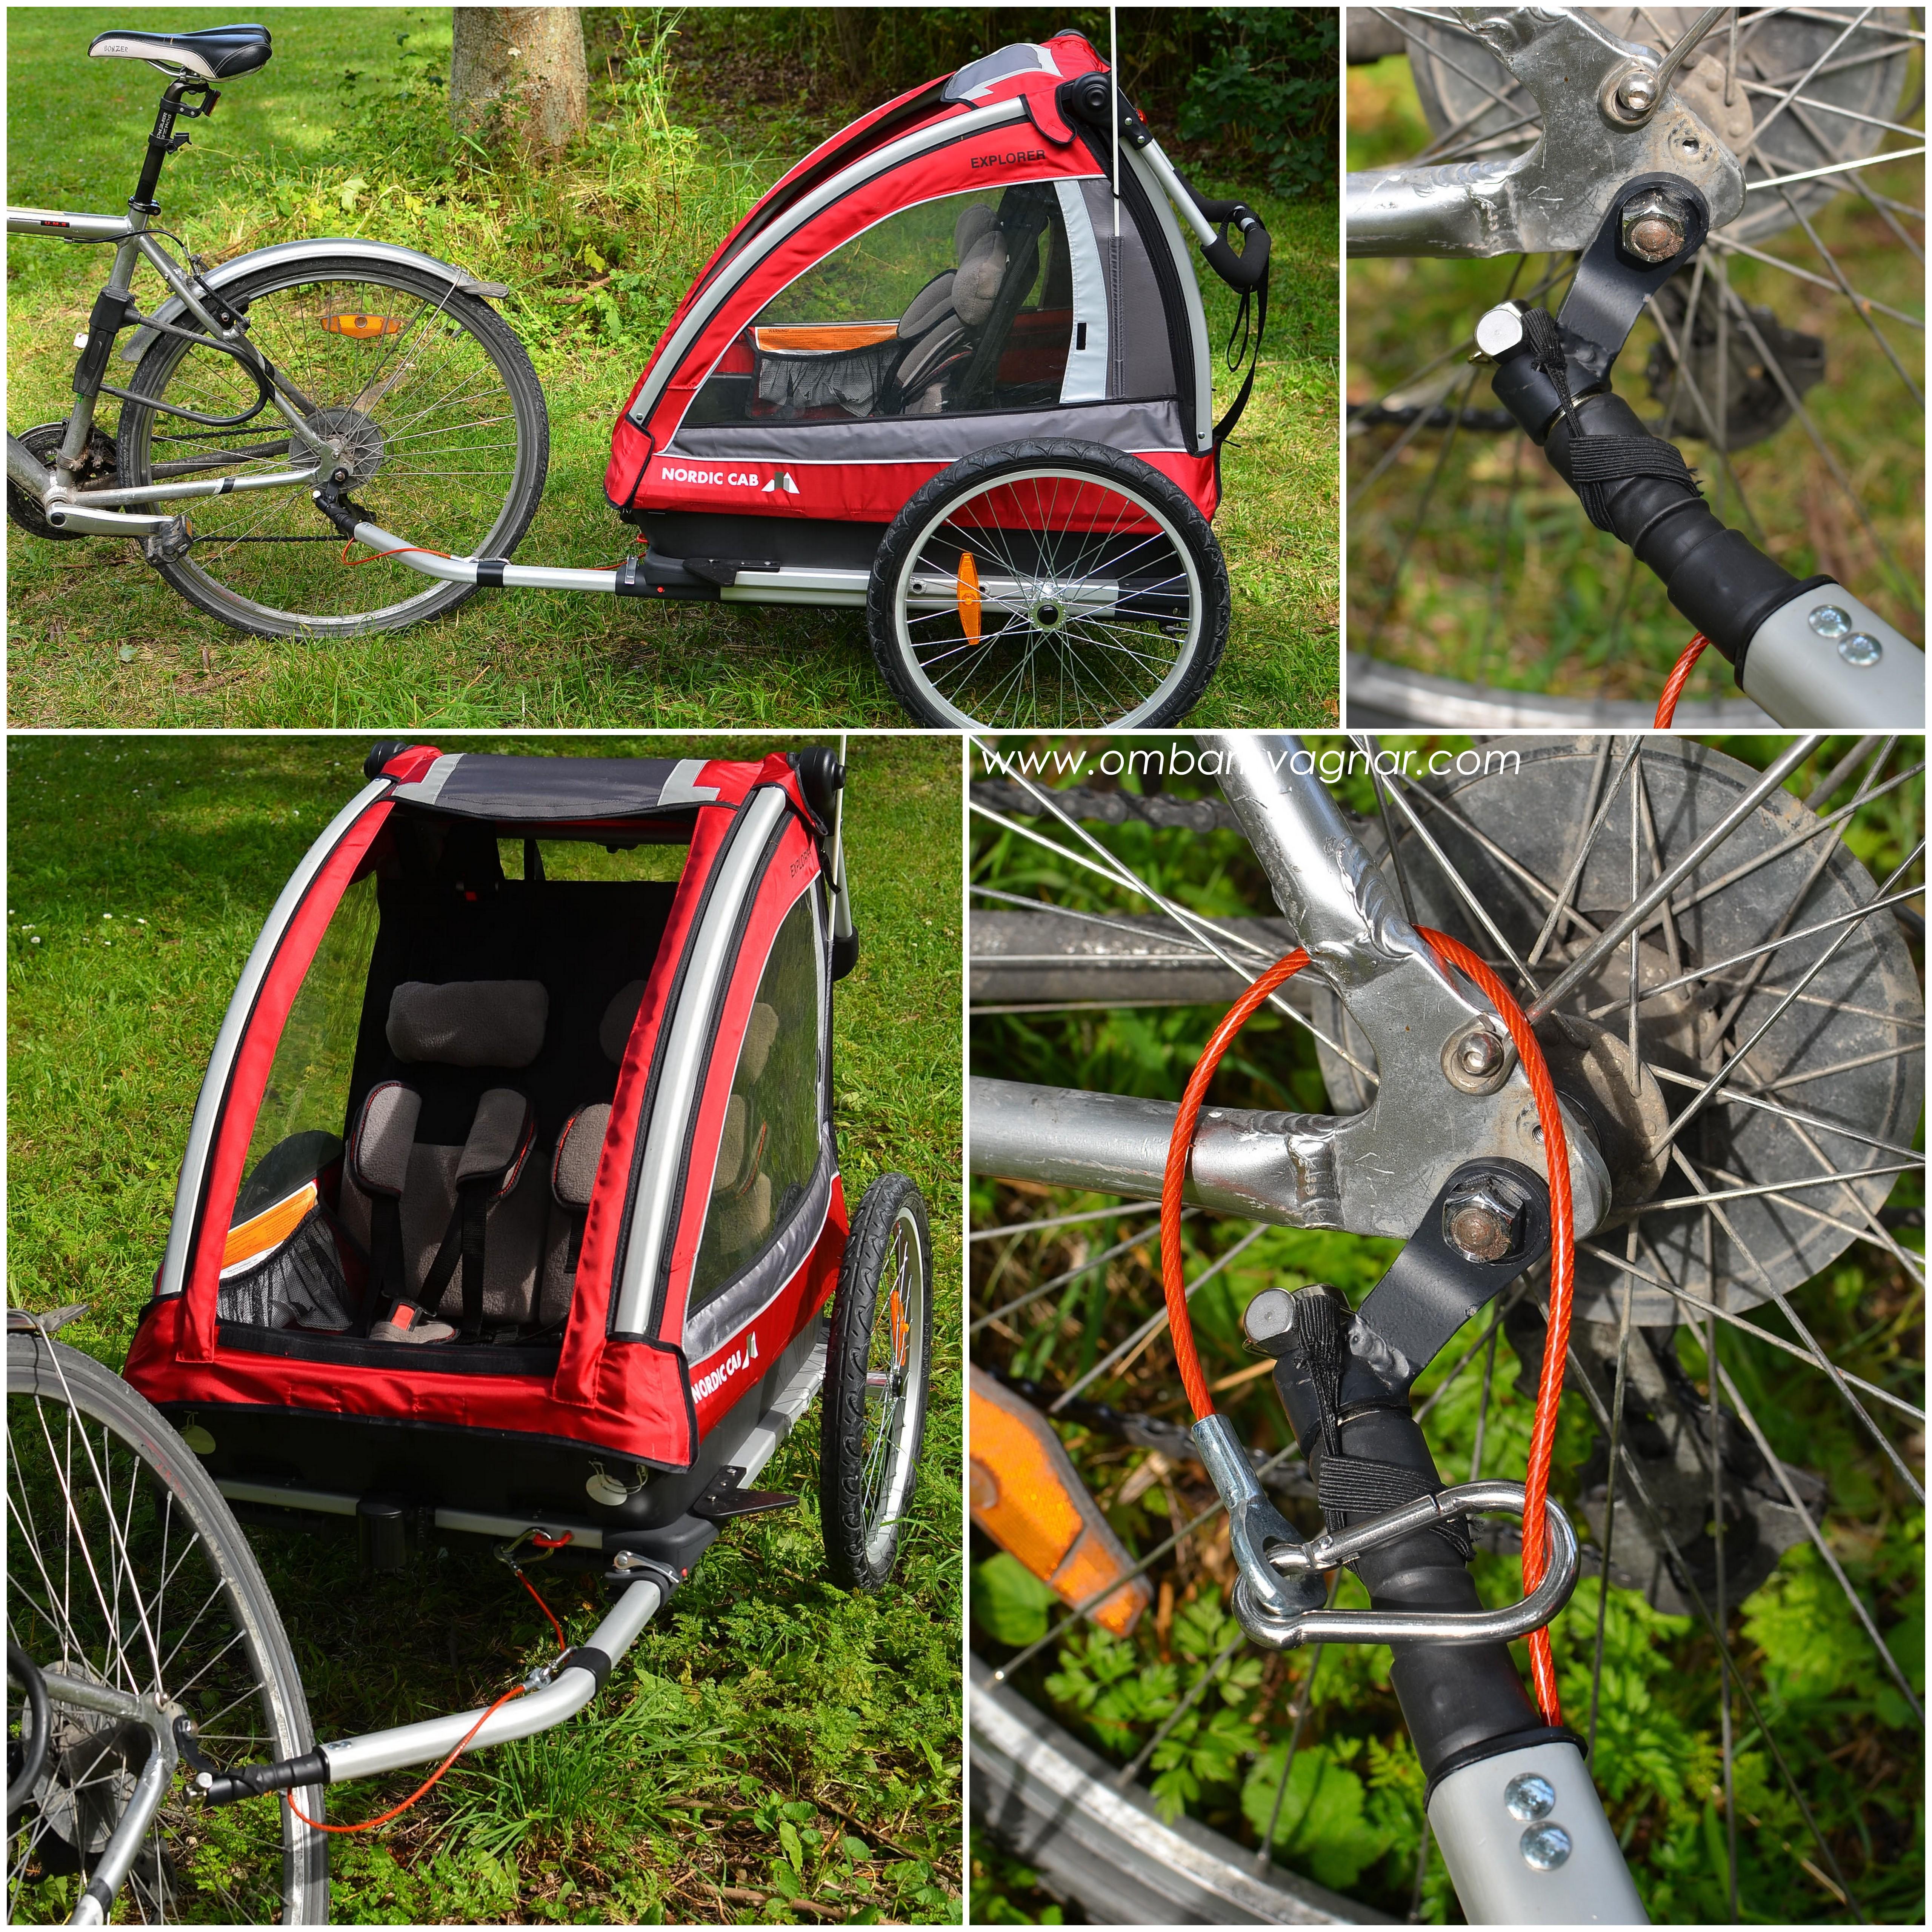 Så kopplar man Nordic Cab Explorer till cykeln